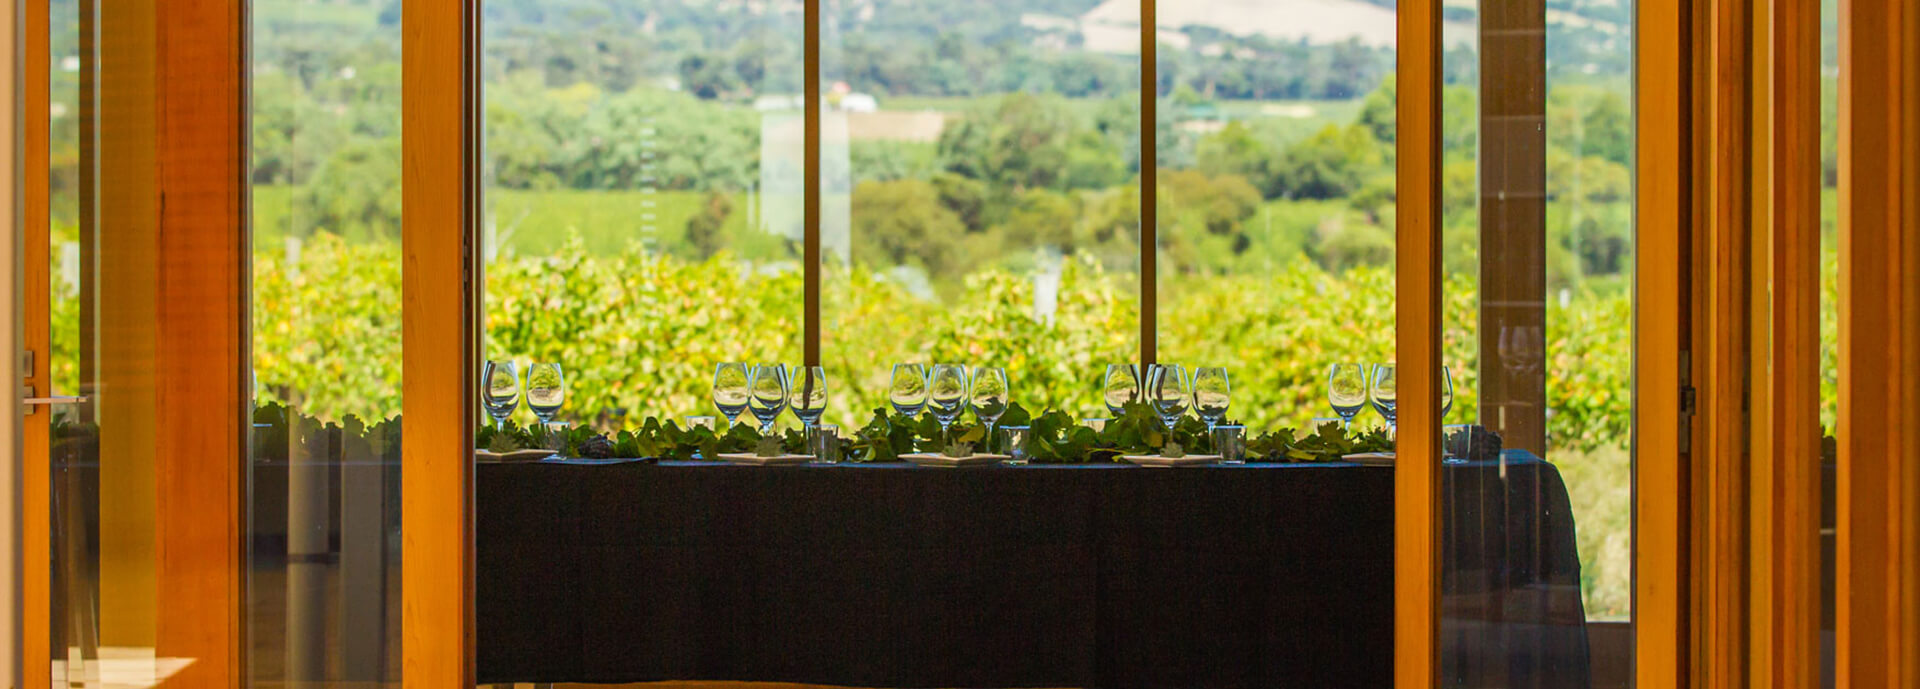 Ekhidna Wines - McLaren Vale Restuarant